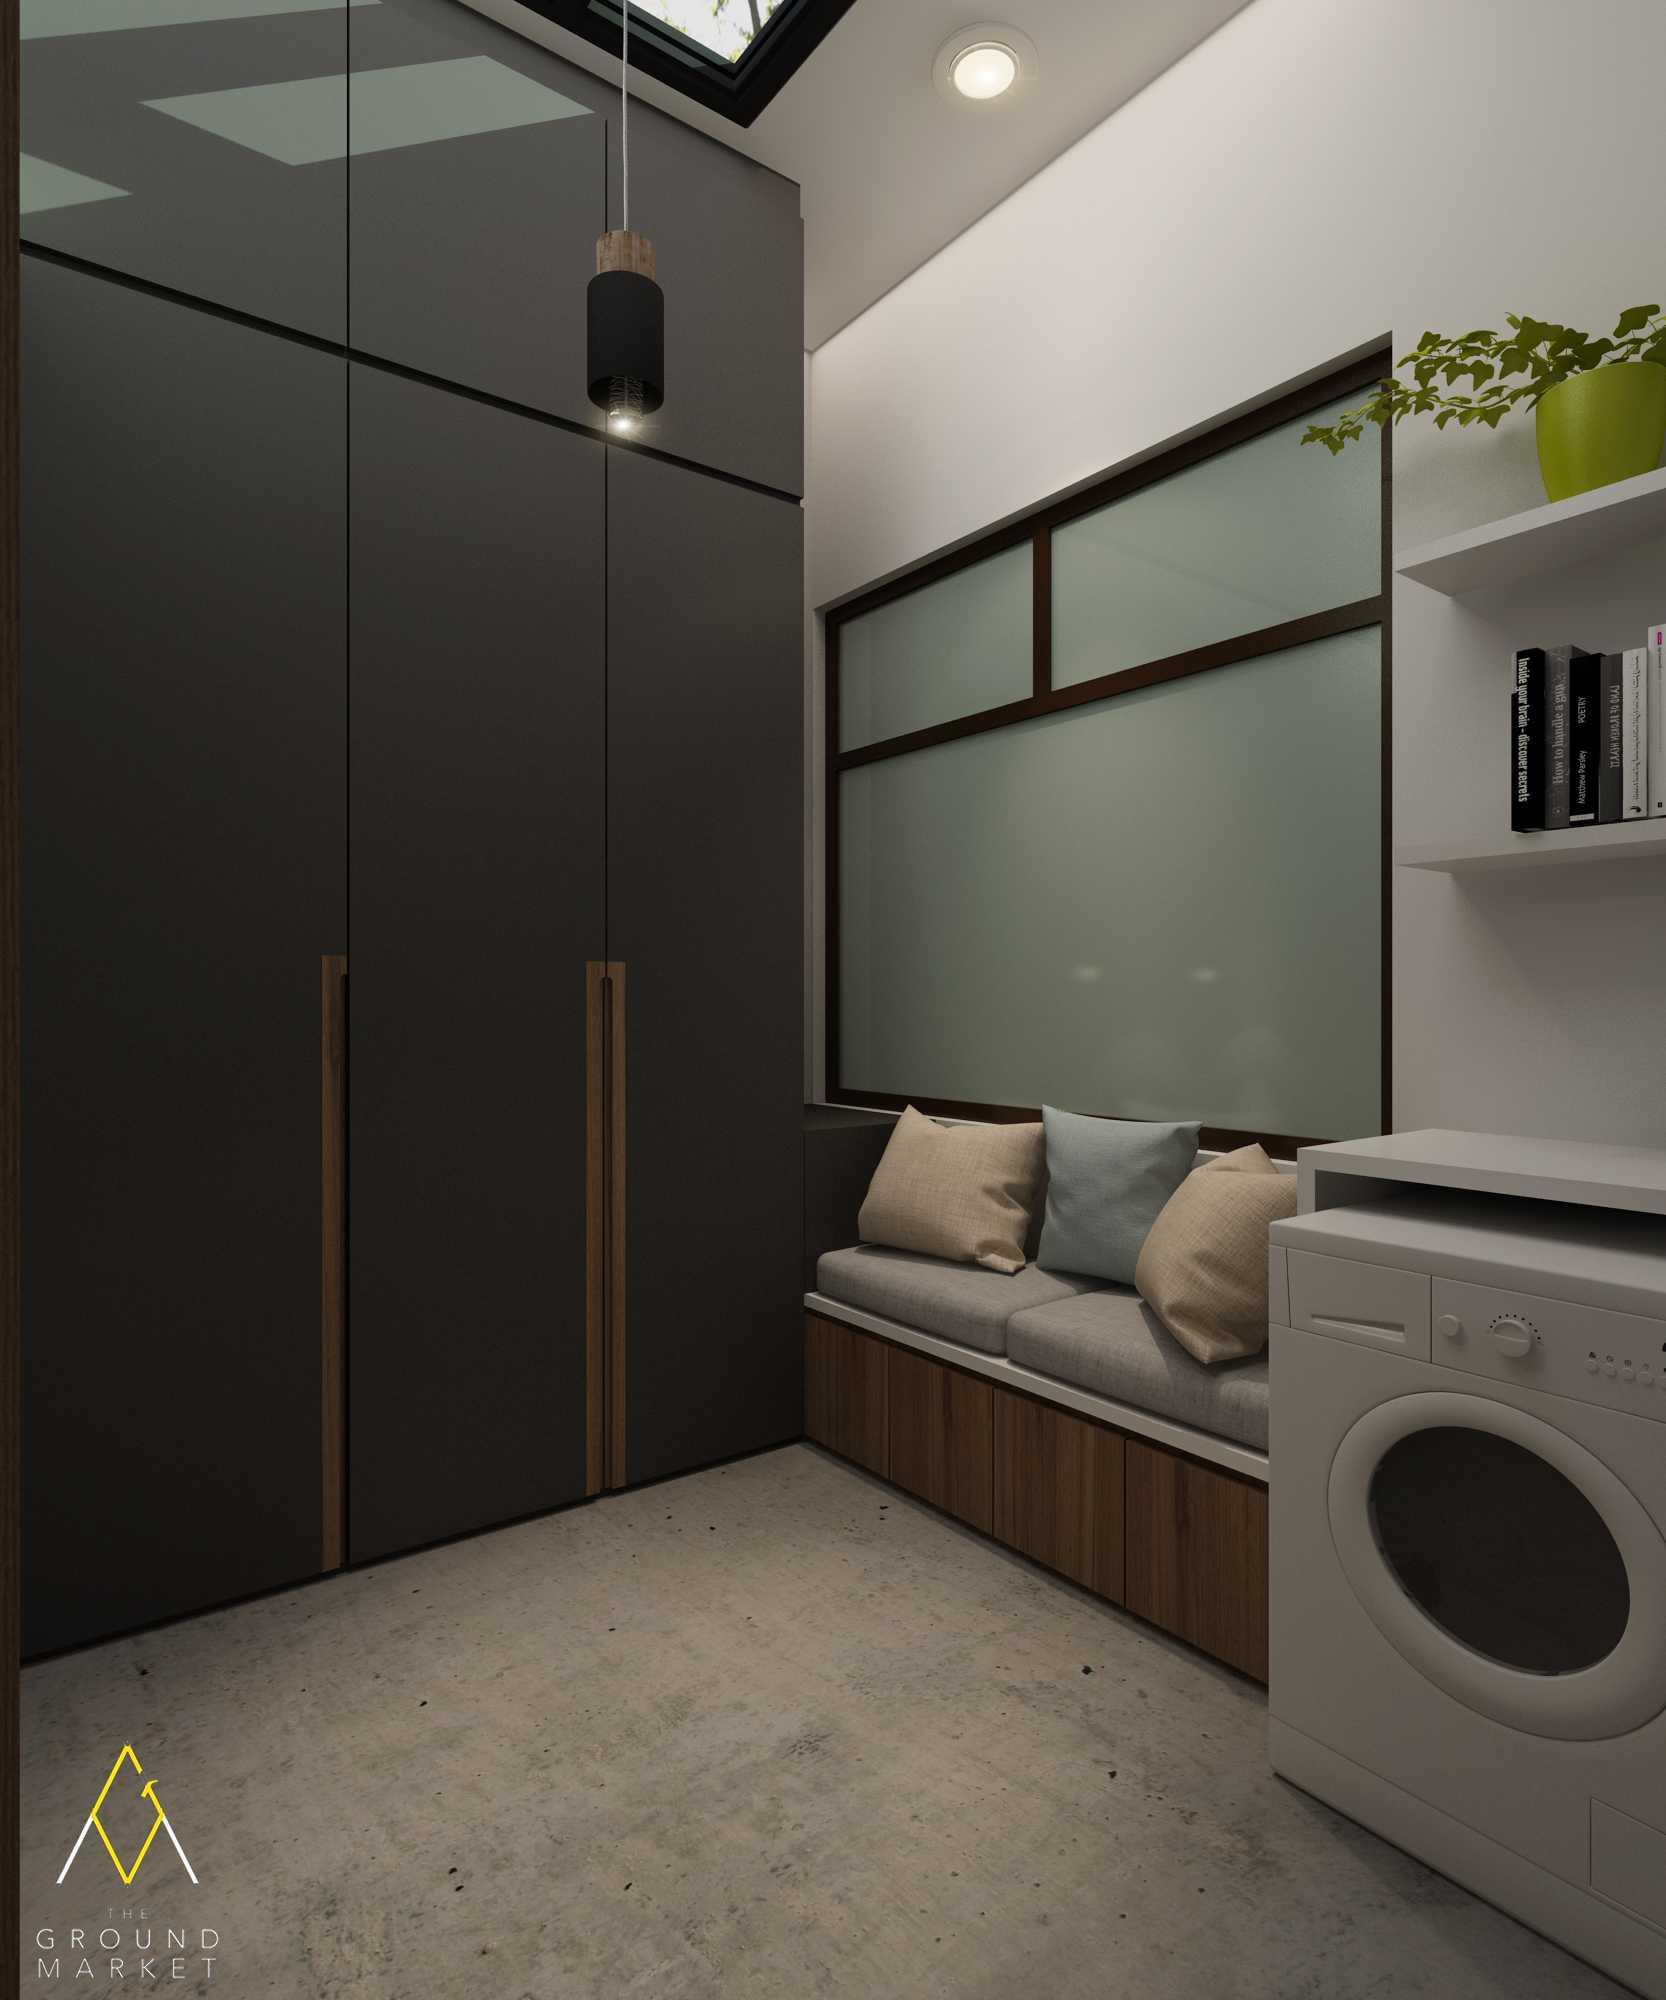 Foto inspirasi ide desain laundry Laundry store area oleh The Ground Market di Arsitag